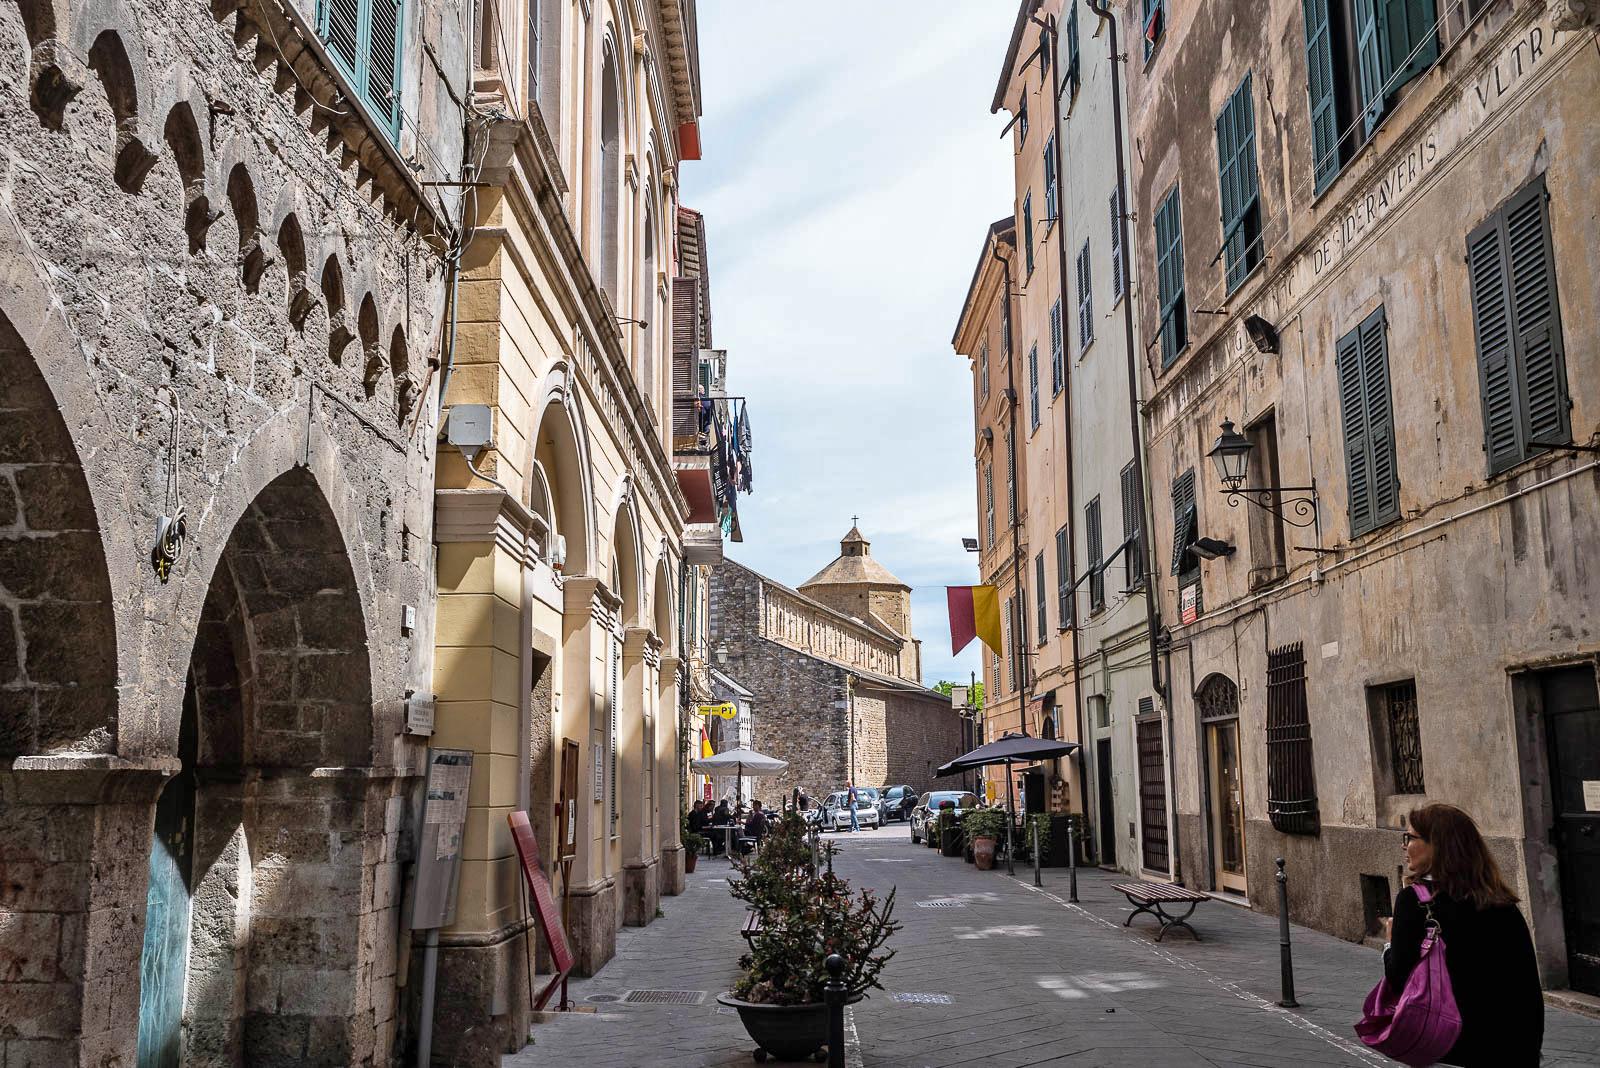 La via principale di Ventimiglia Altajpg